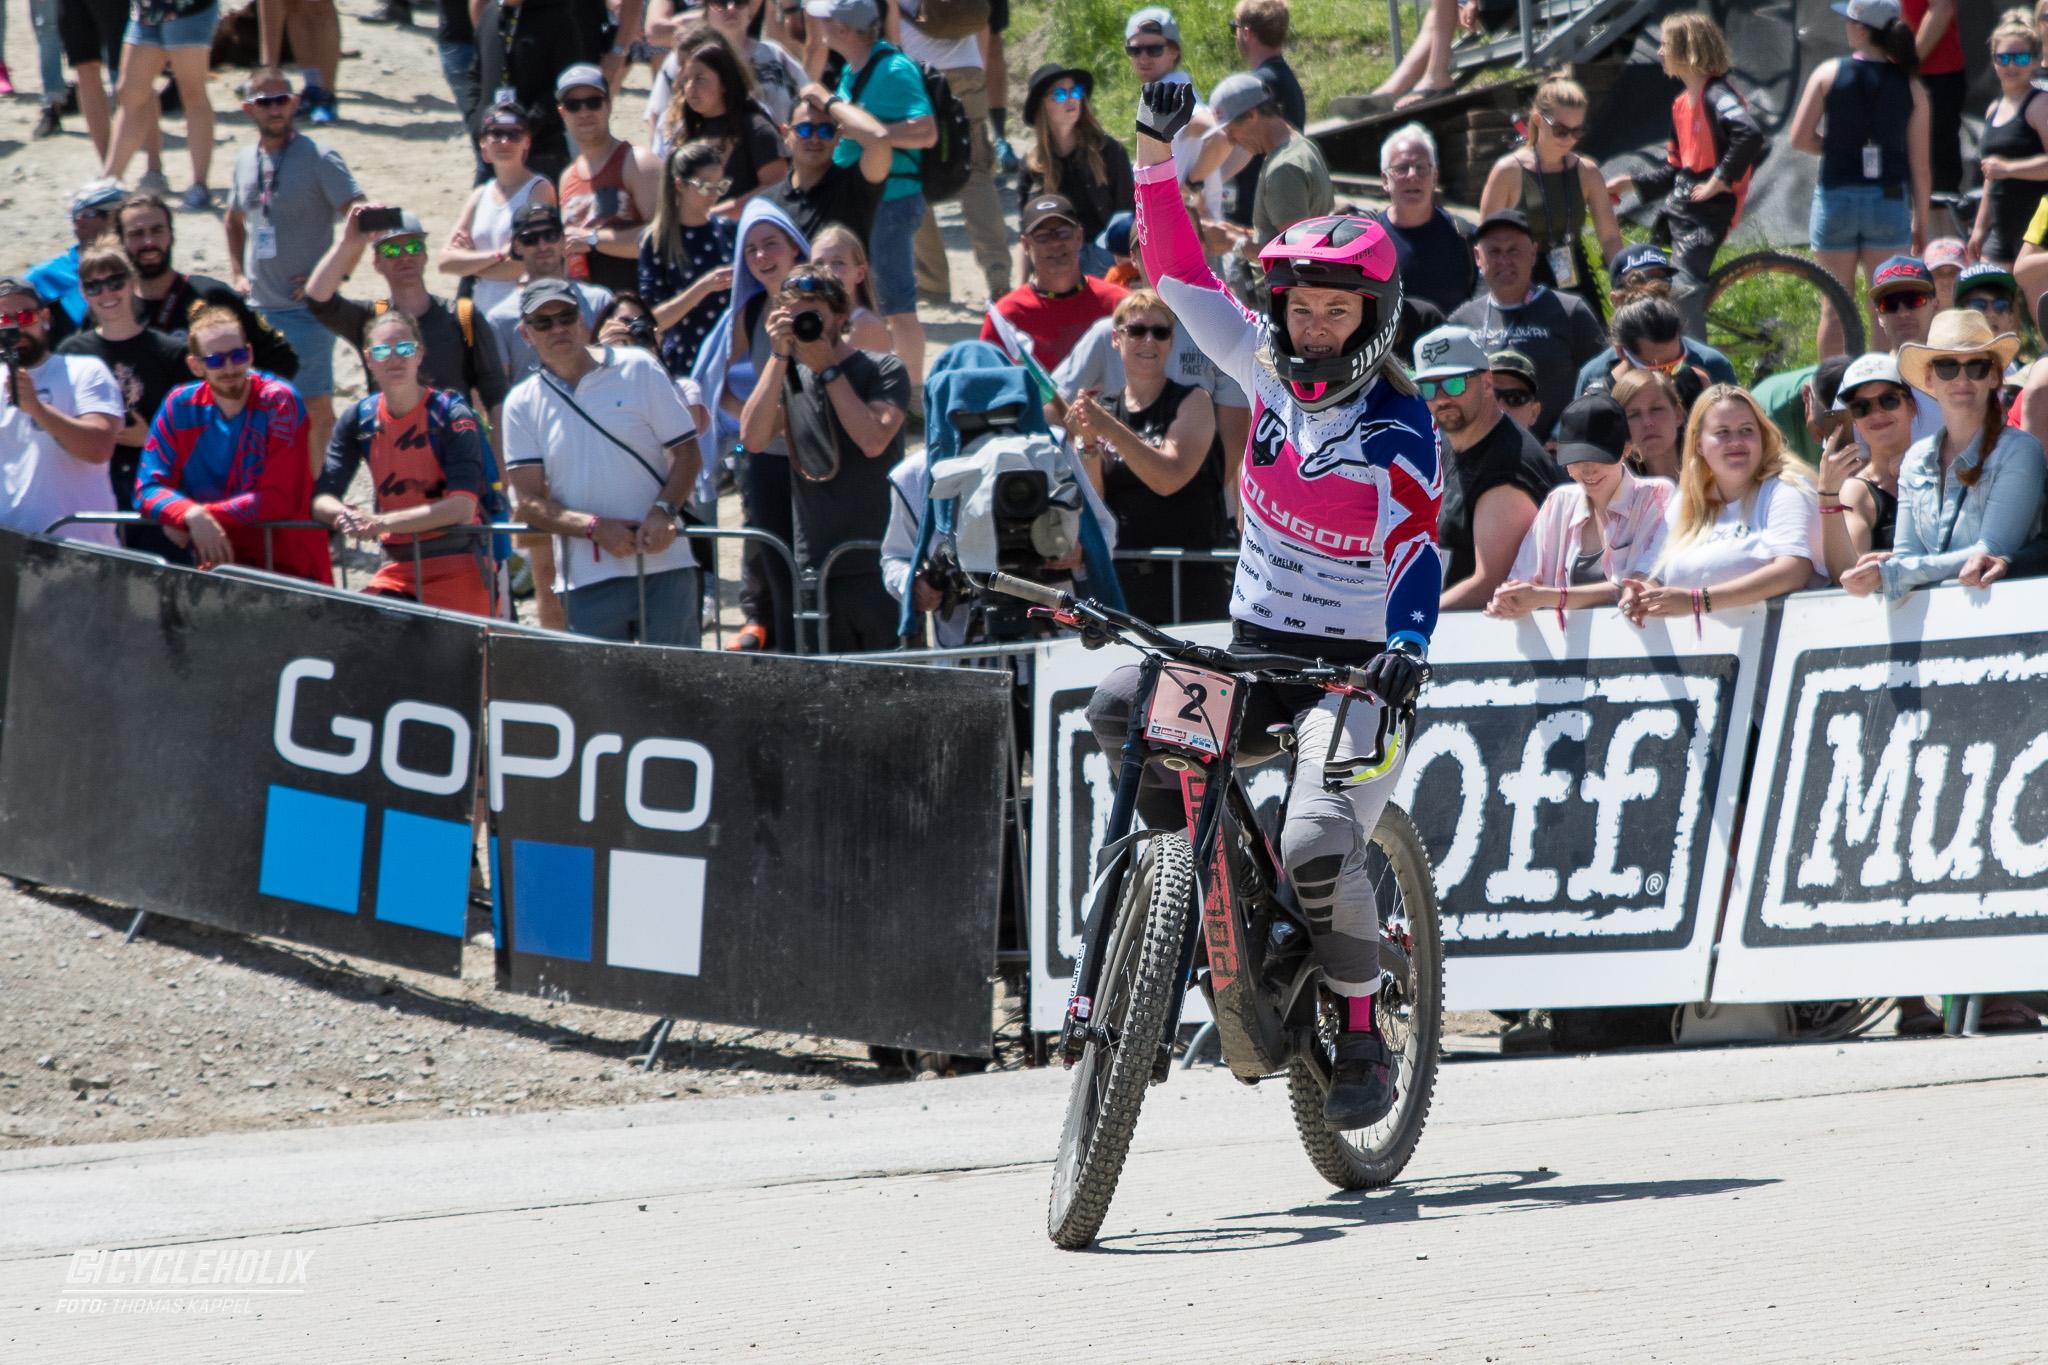 2019 Downhill Worldcup Leogang Ziel 7